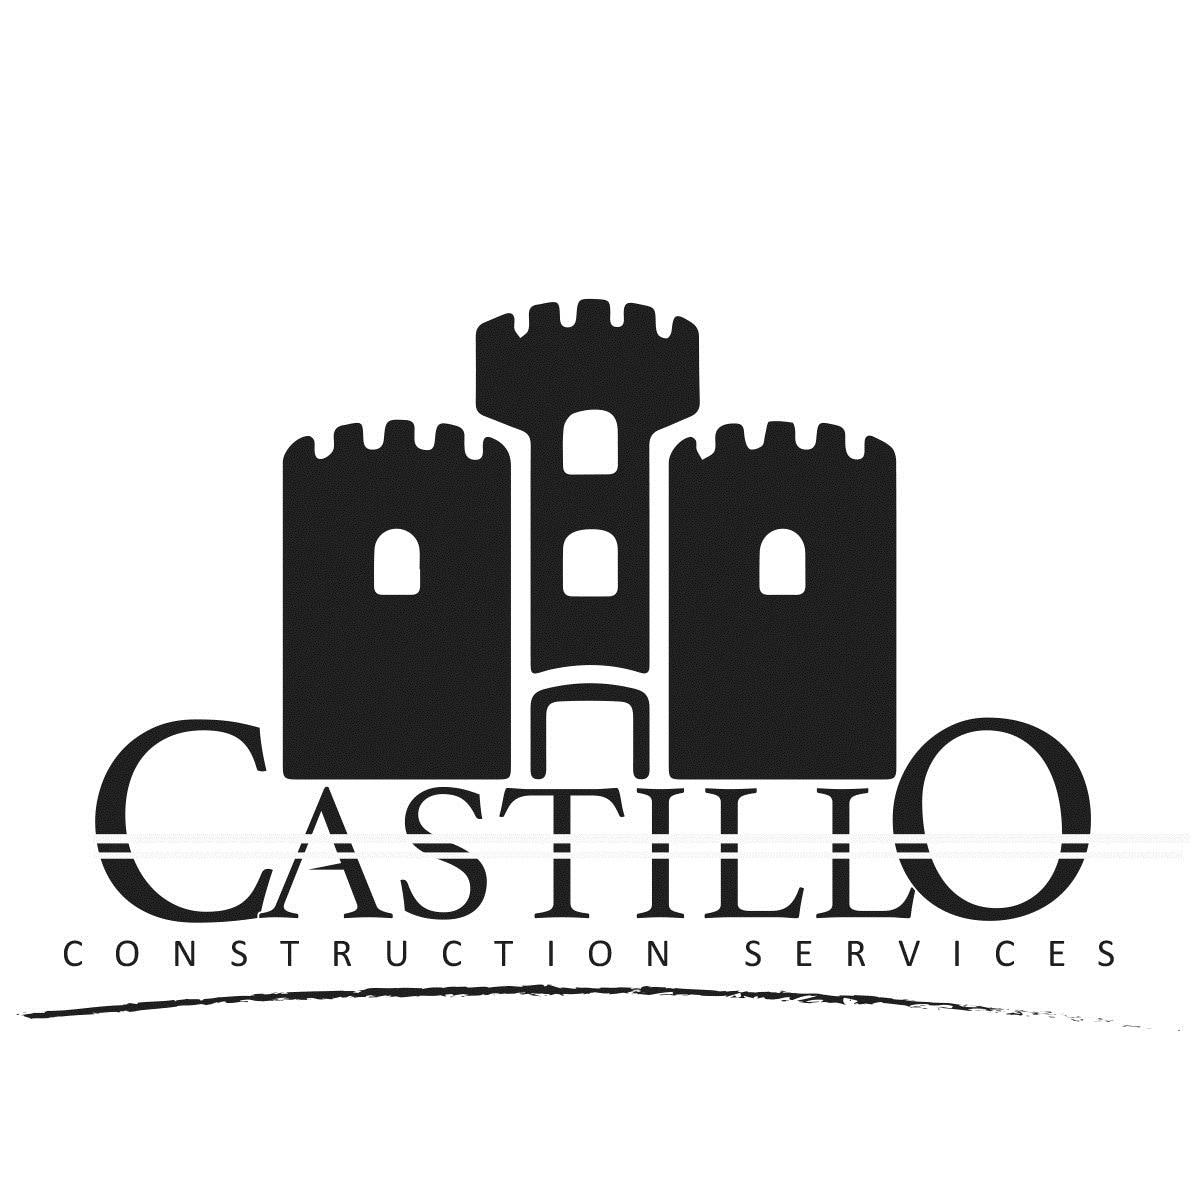 Castillo Construction